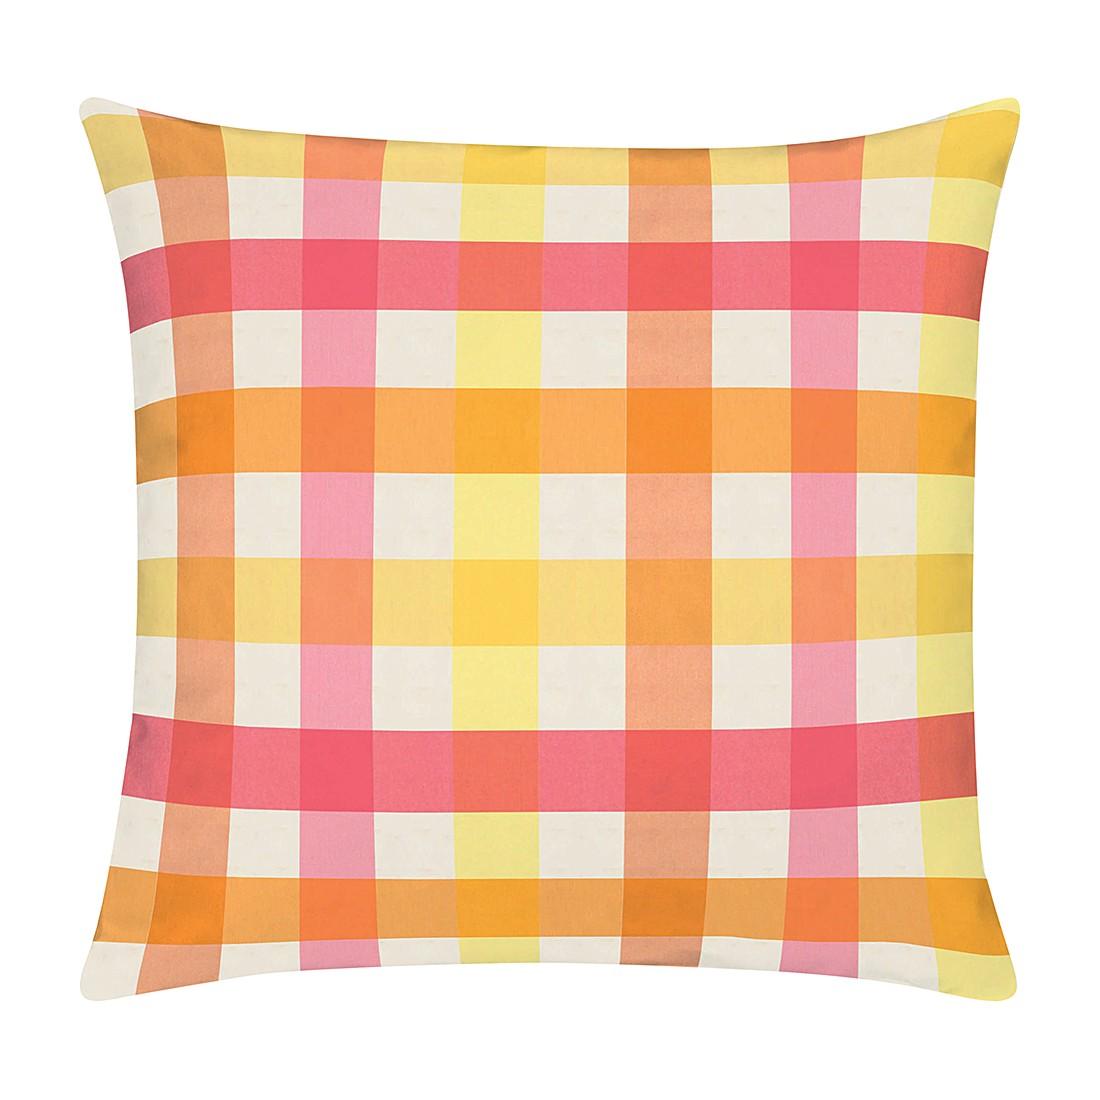 Kissenhülle Cuius – Gelb/Rot – 40 x 40 cm, Apelt online bestellen